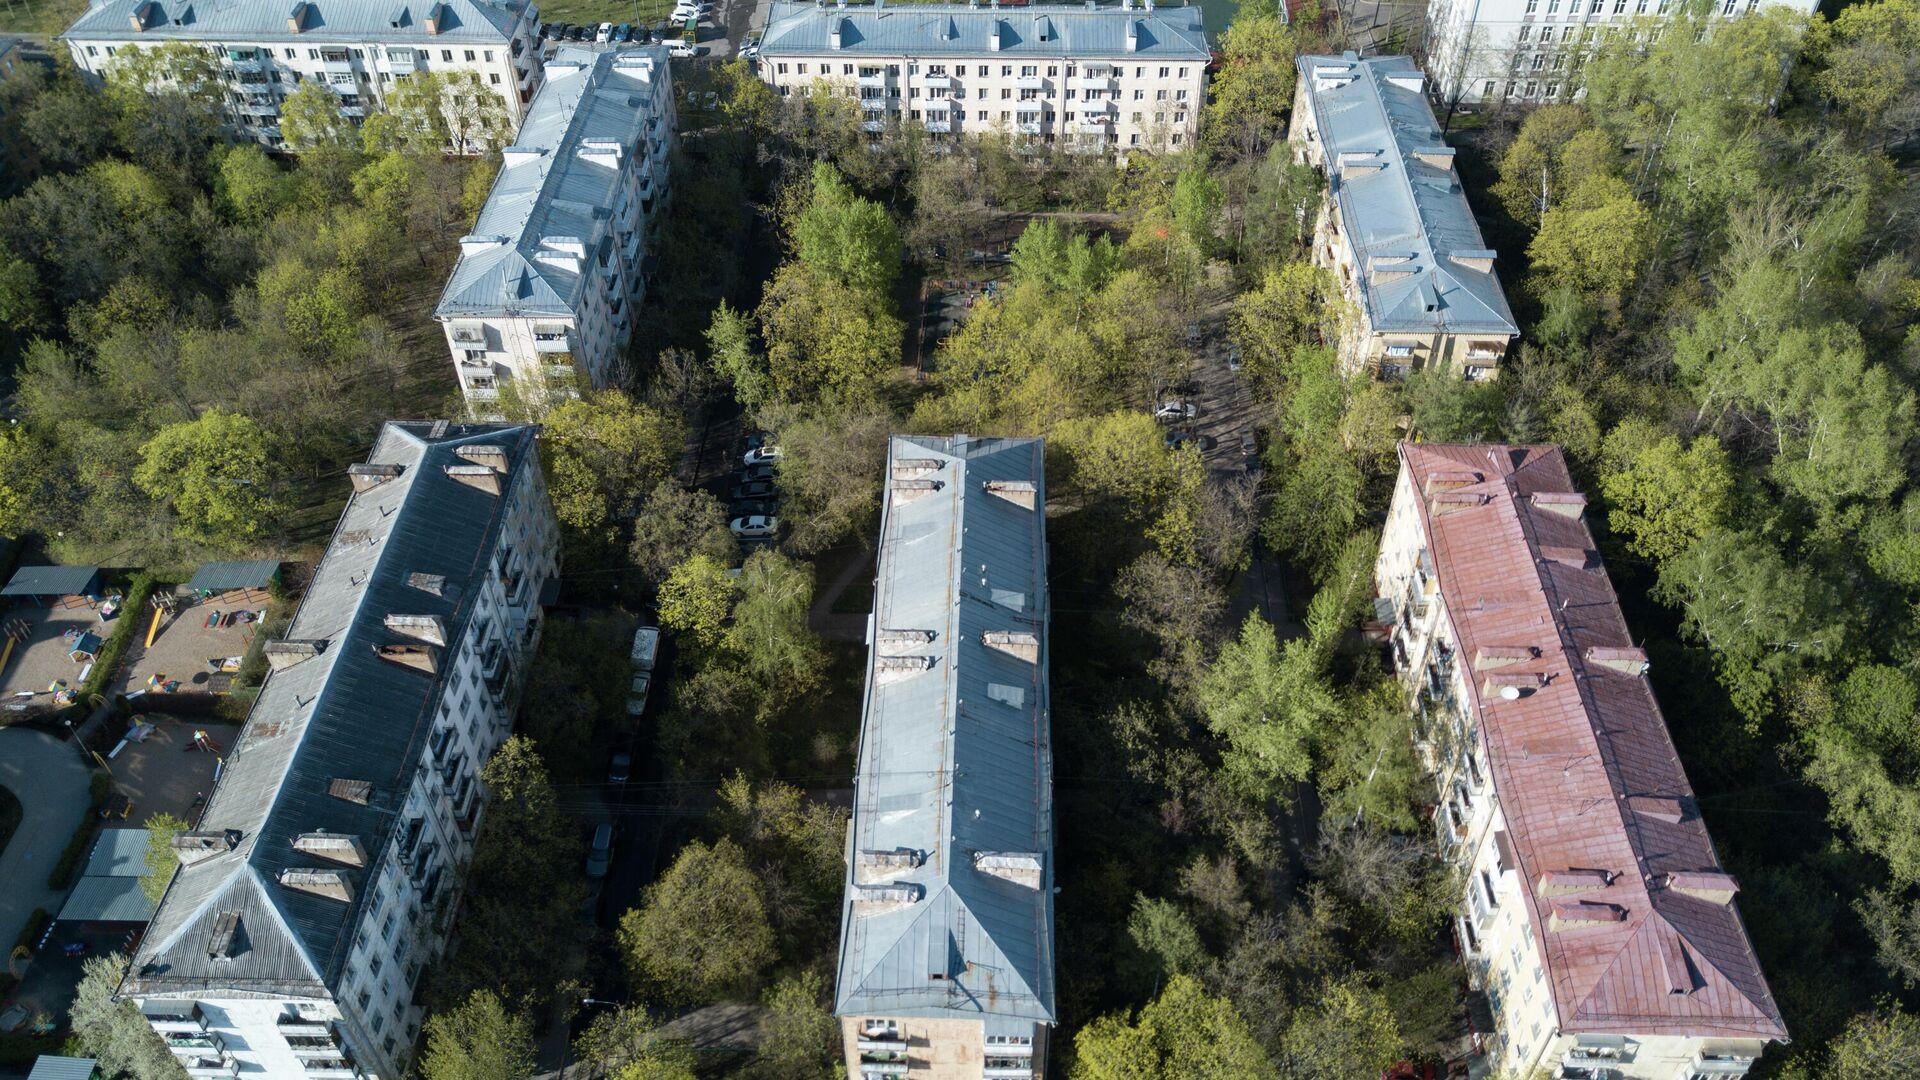 Пятиэтажные жилые дома в Москве, включенные в программу реновации. - РИА Новости, 1920, 23.03.2021